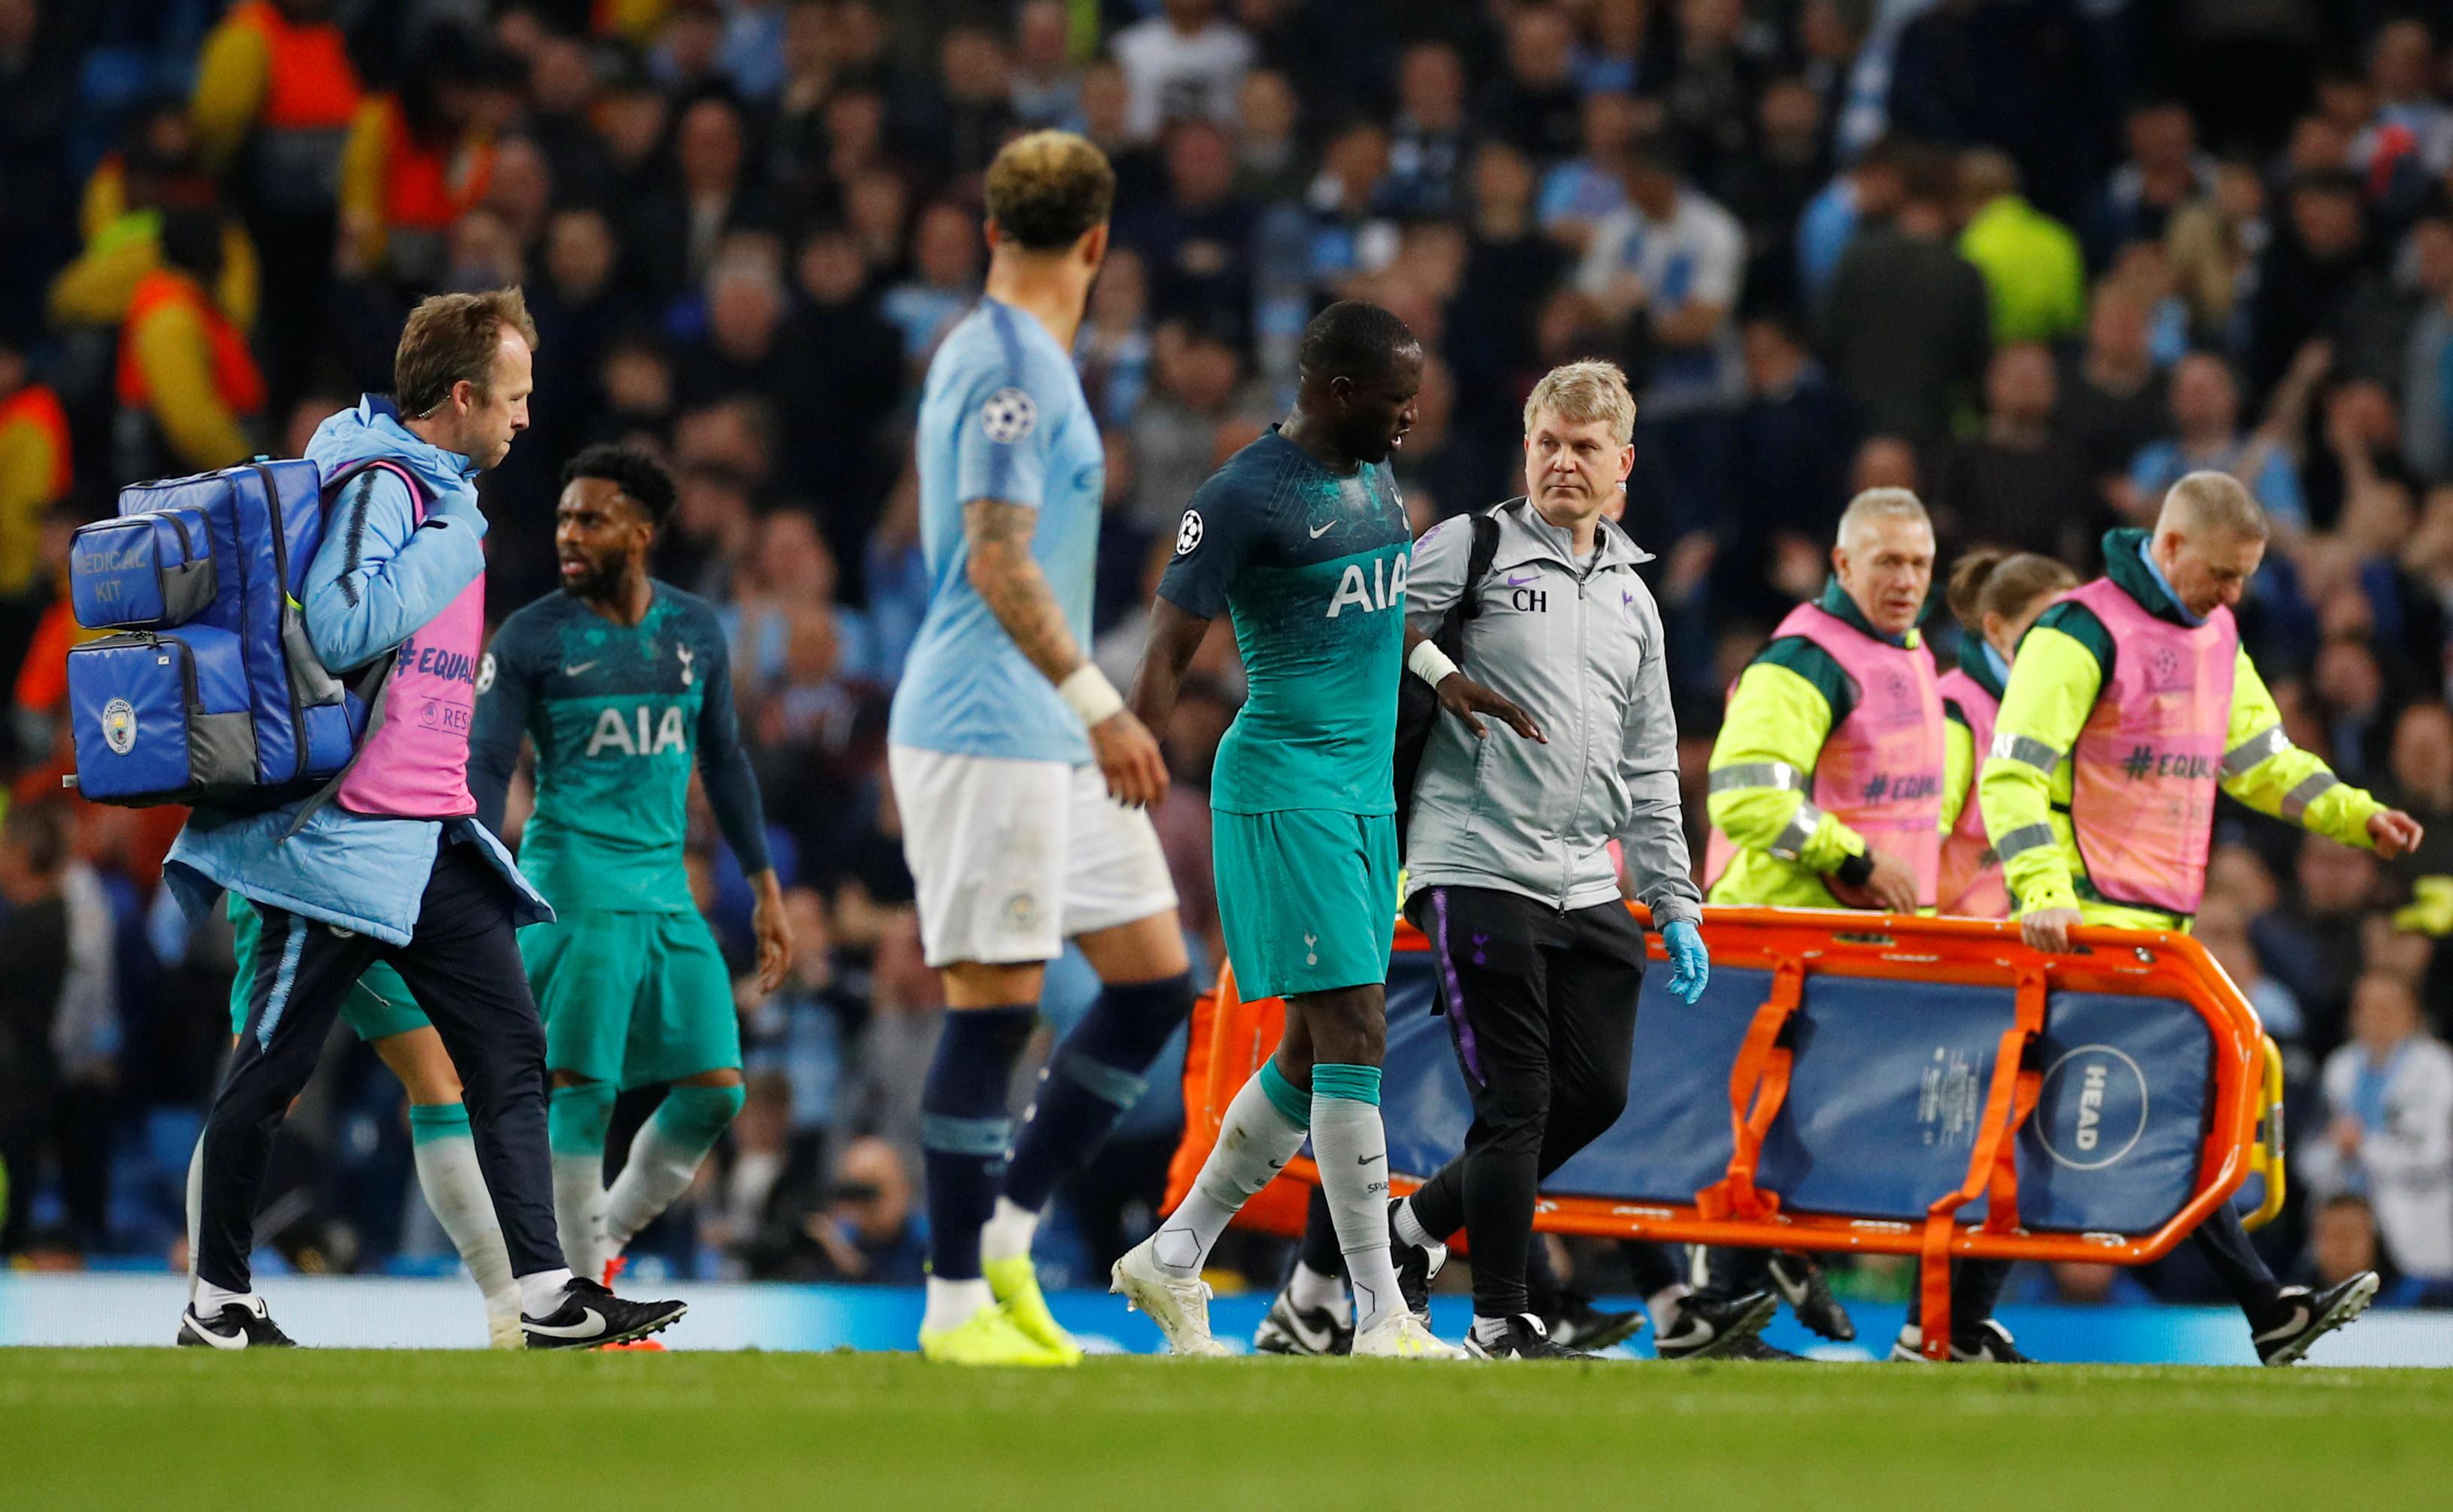 Jogador do Tottenham não sabia que a sua equipa tinha passado o City